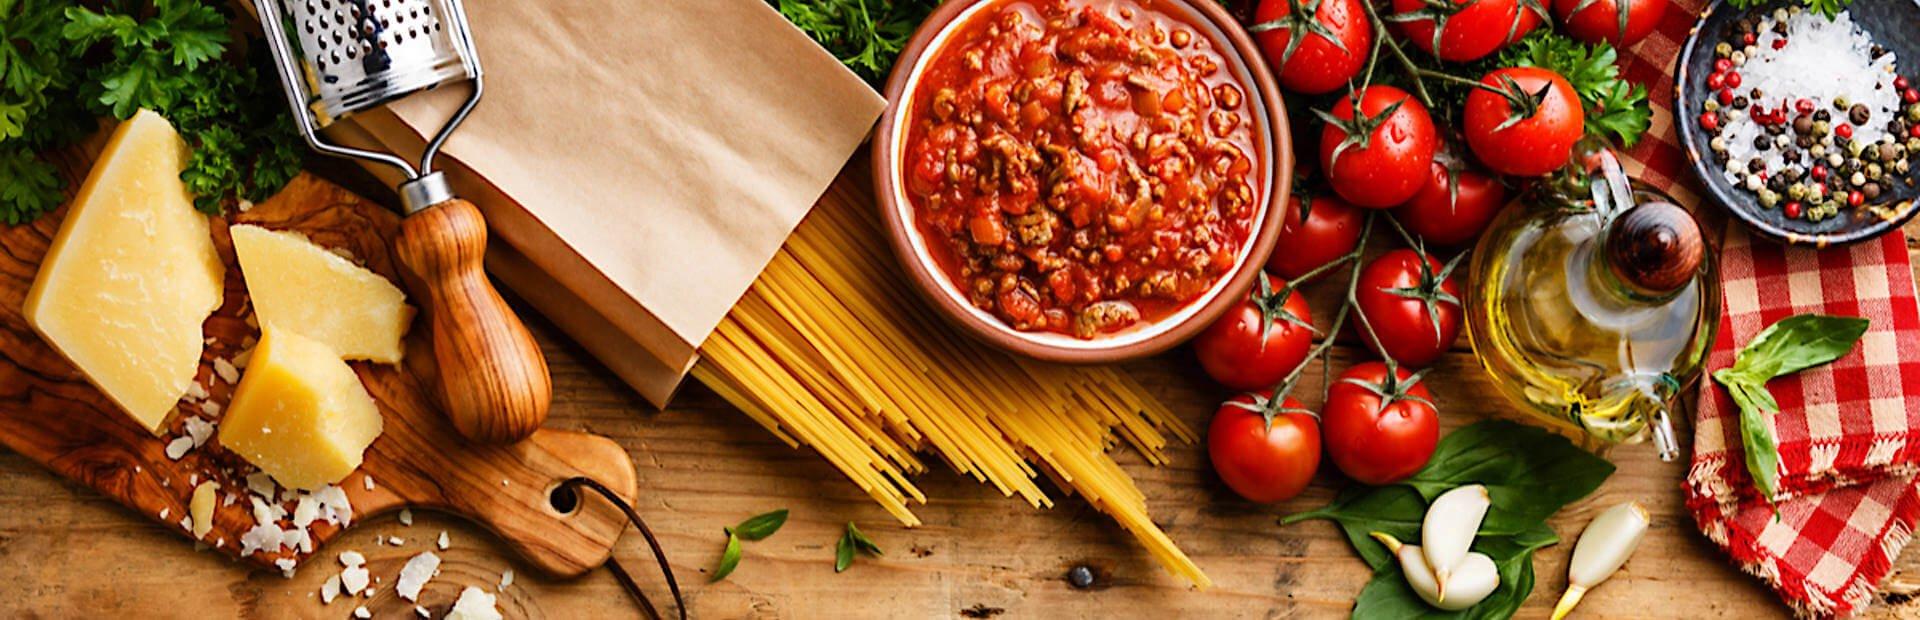 Bontà dall'Italia Sikan Food